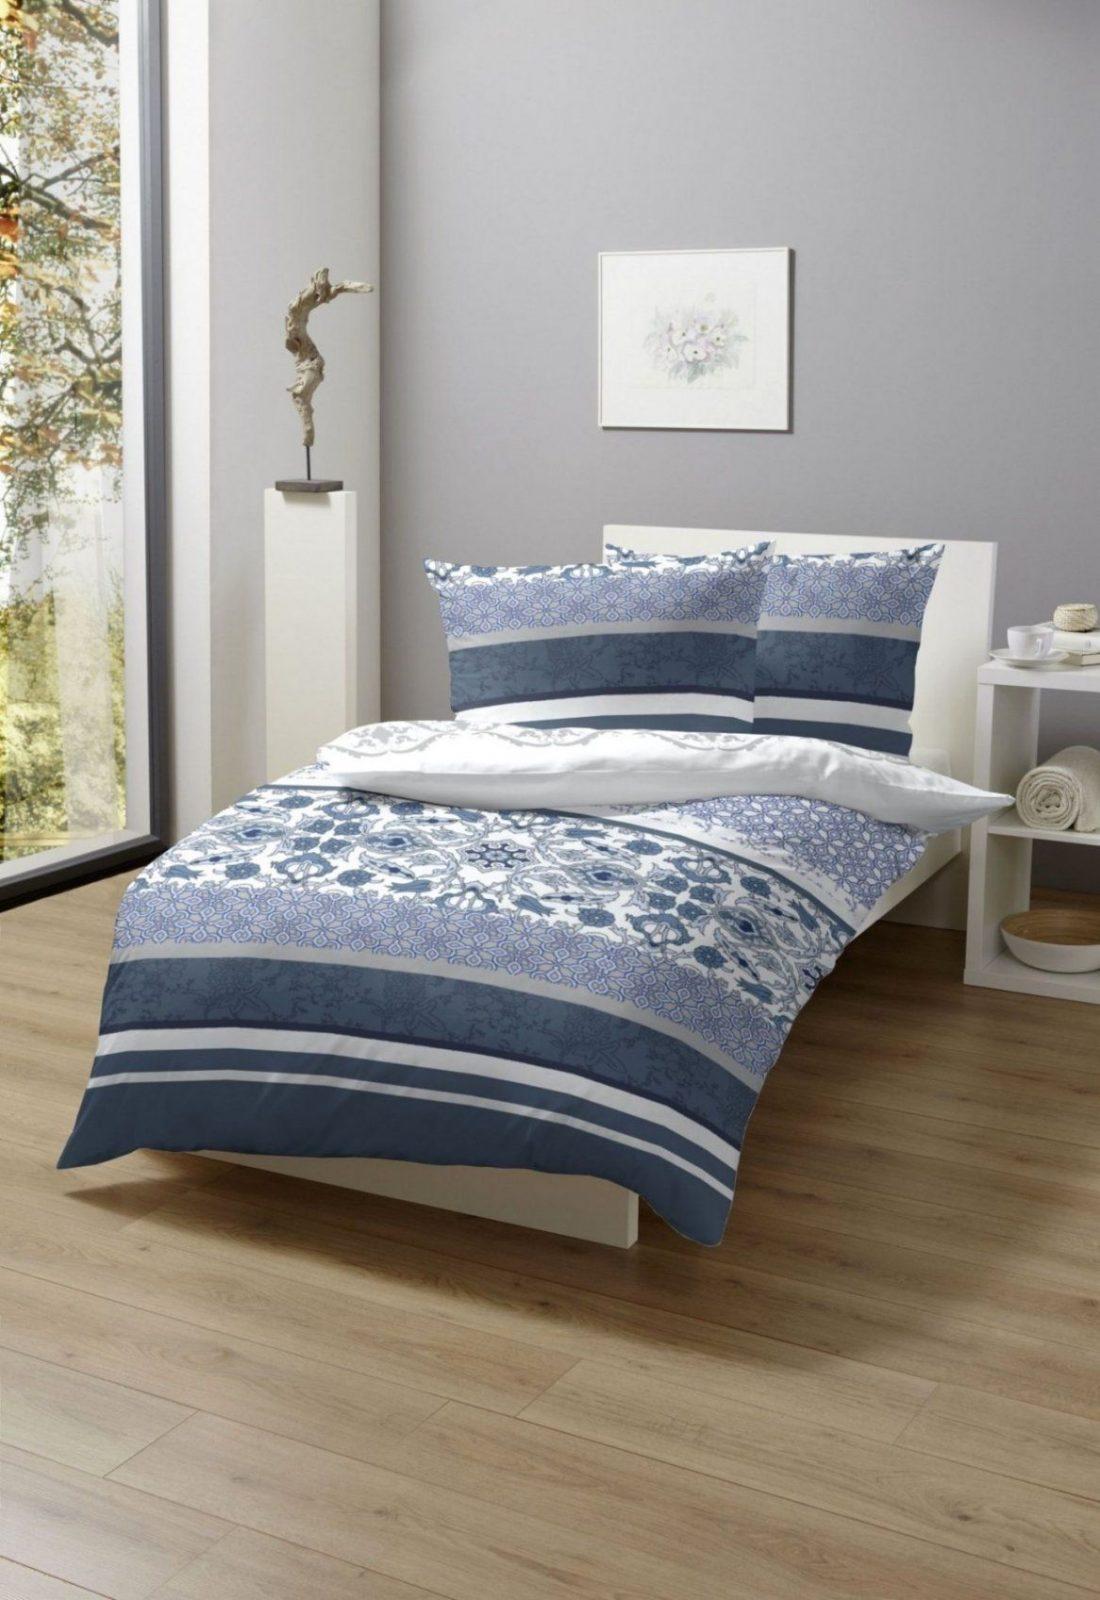 48 Neueste Bettwäsche Joop Reduziert Für Ihre Hausdesignideen von Bettwäsche Joop Reduziert Bild